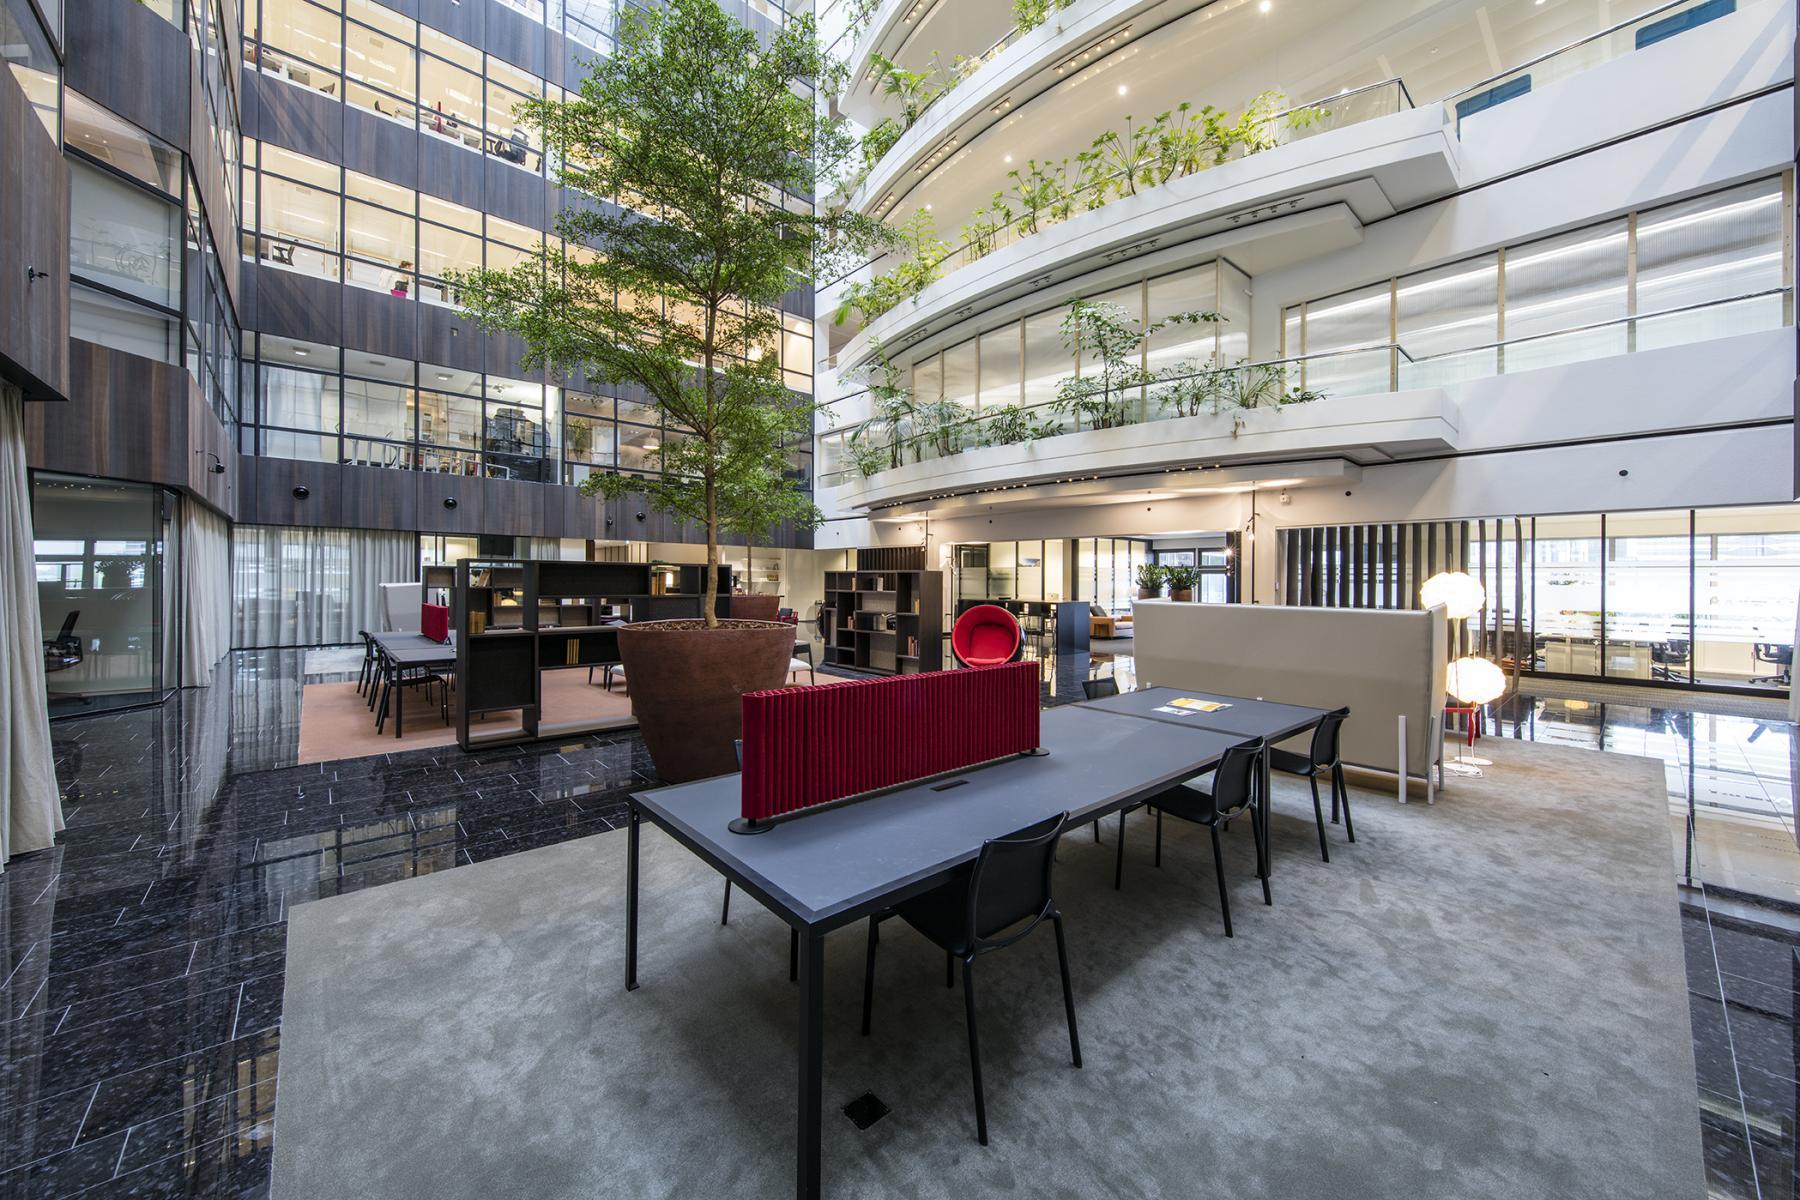 sociaalhart werkplek flexwerkplek Amsterdam kantoorpand